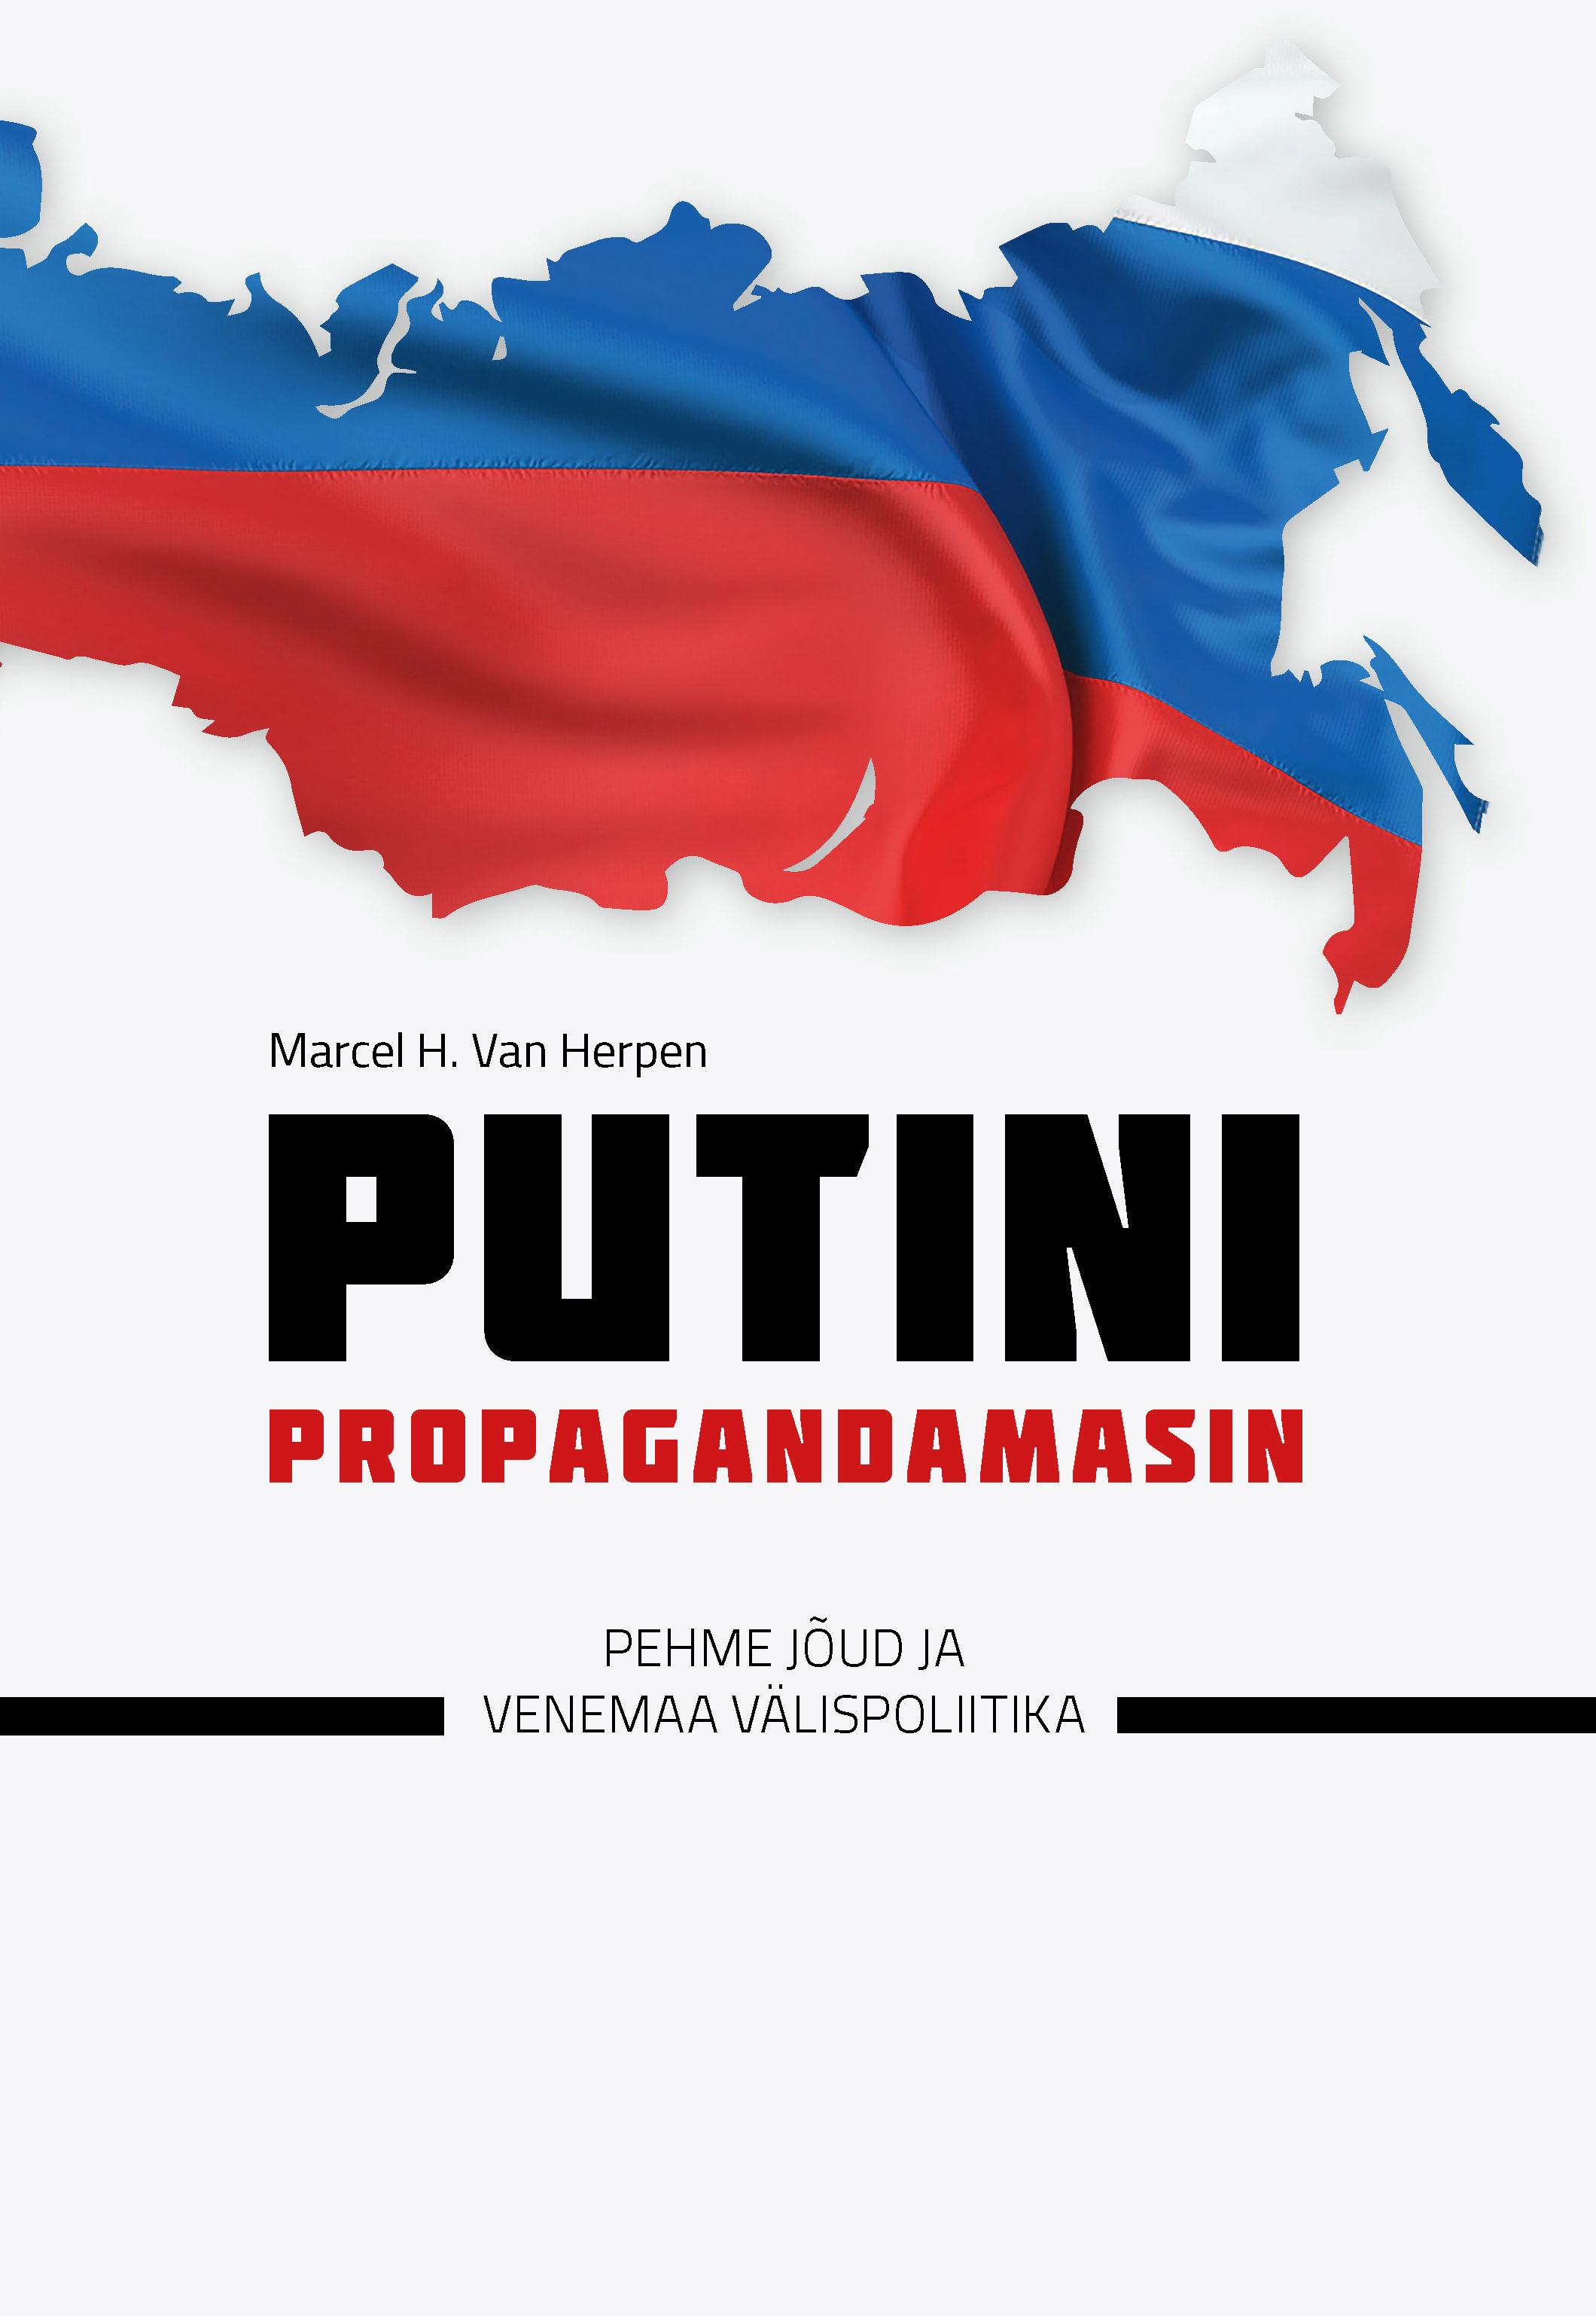 цена Marcel H. Van Herpen Putini propagandamasin. Pehme jõud ja Venemaa välispoliitika онлайн в 2017 году